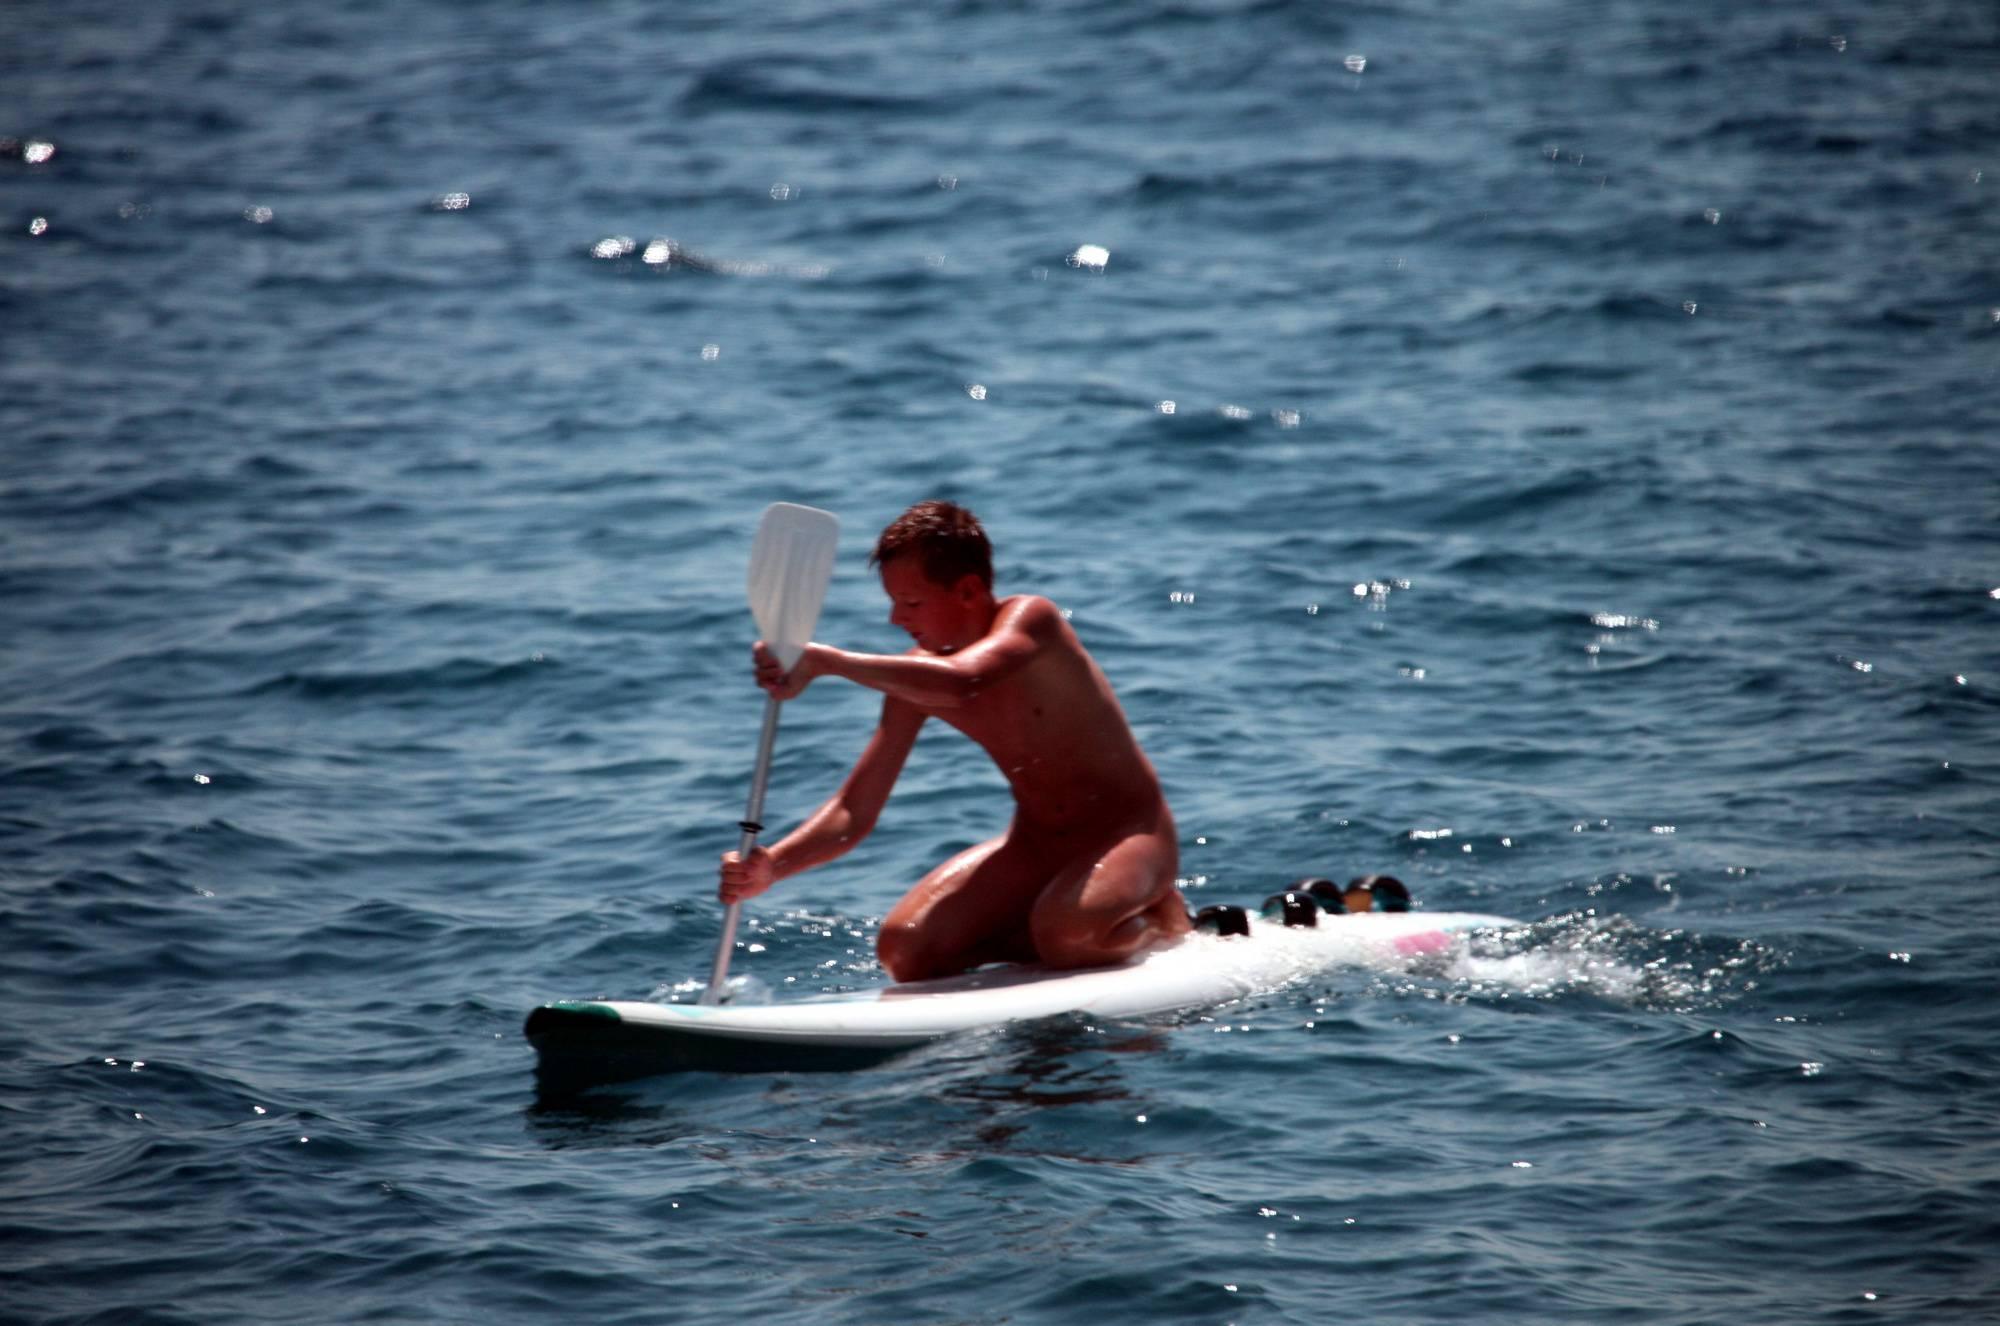 Nudist Gallery Boys Nudist Water Surfing - 2